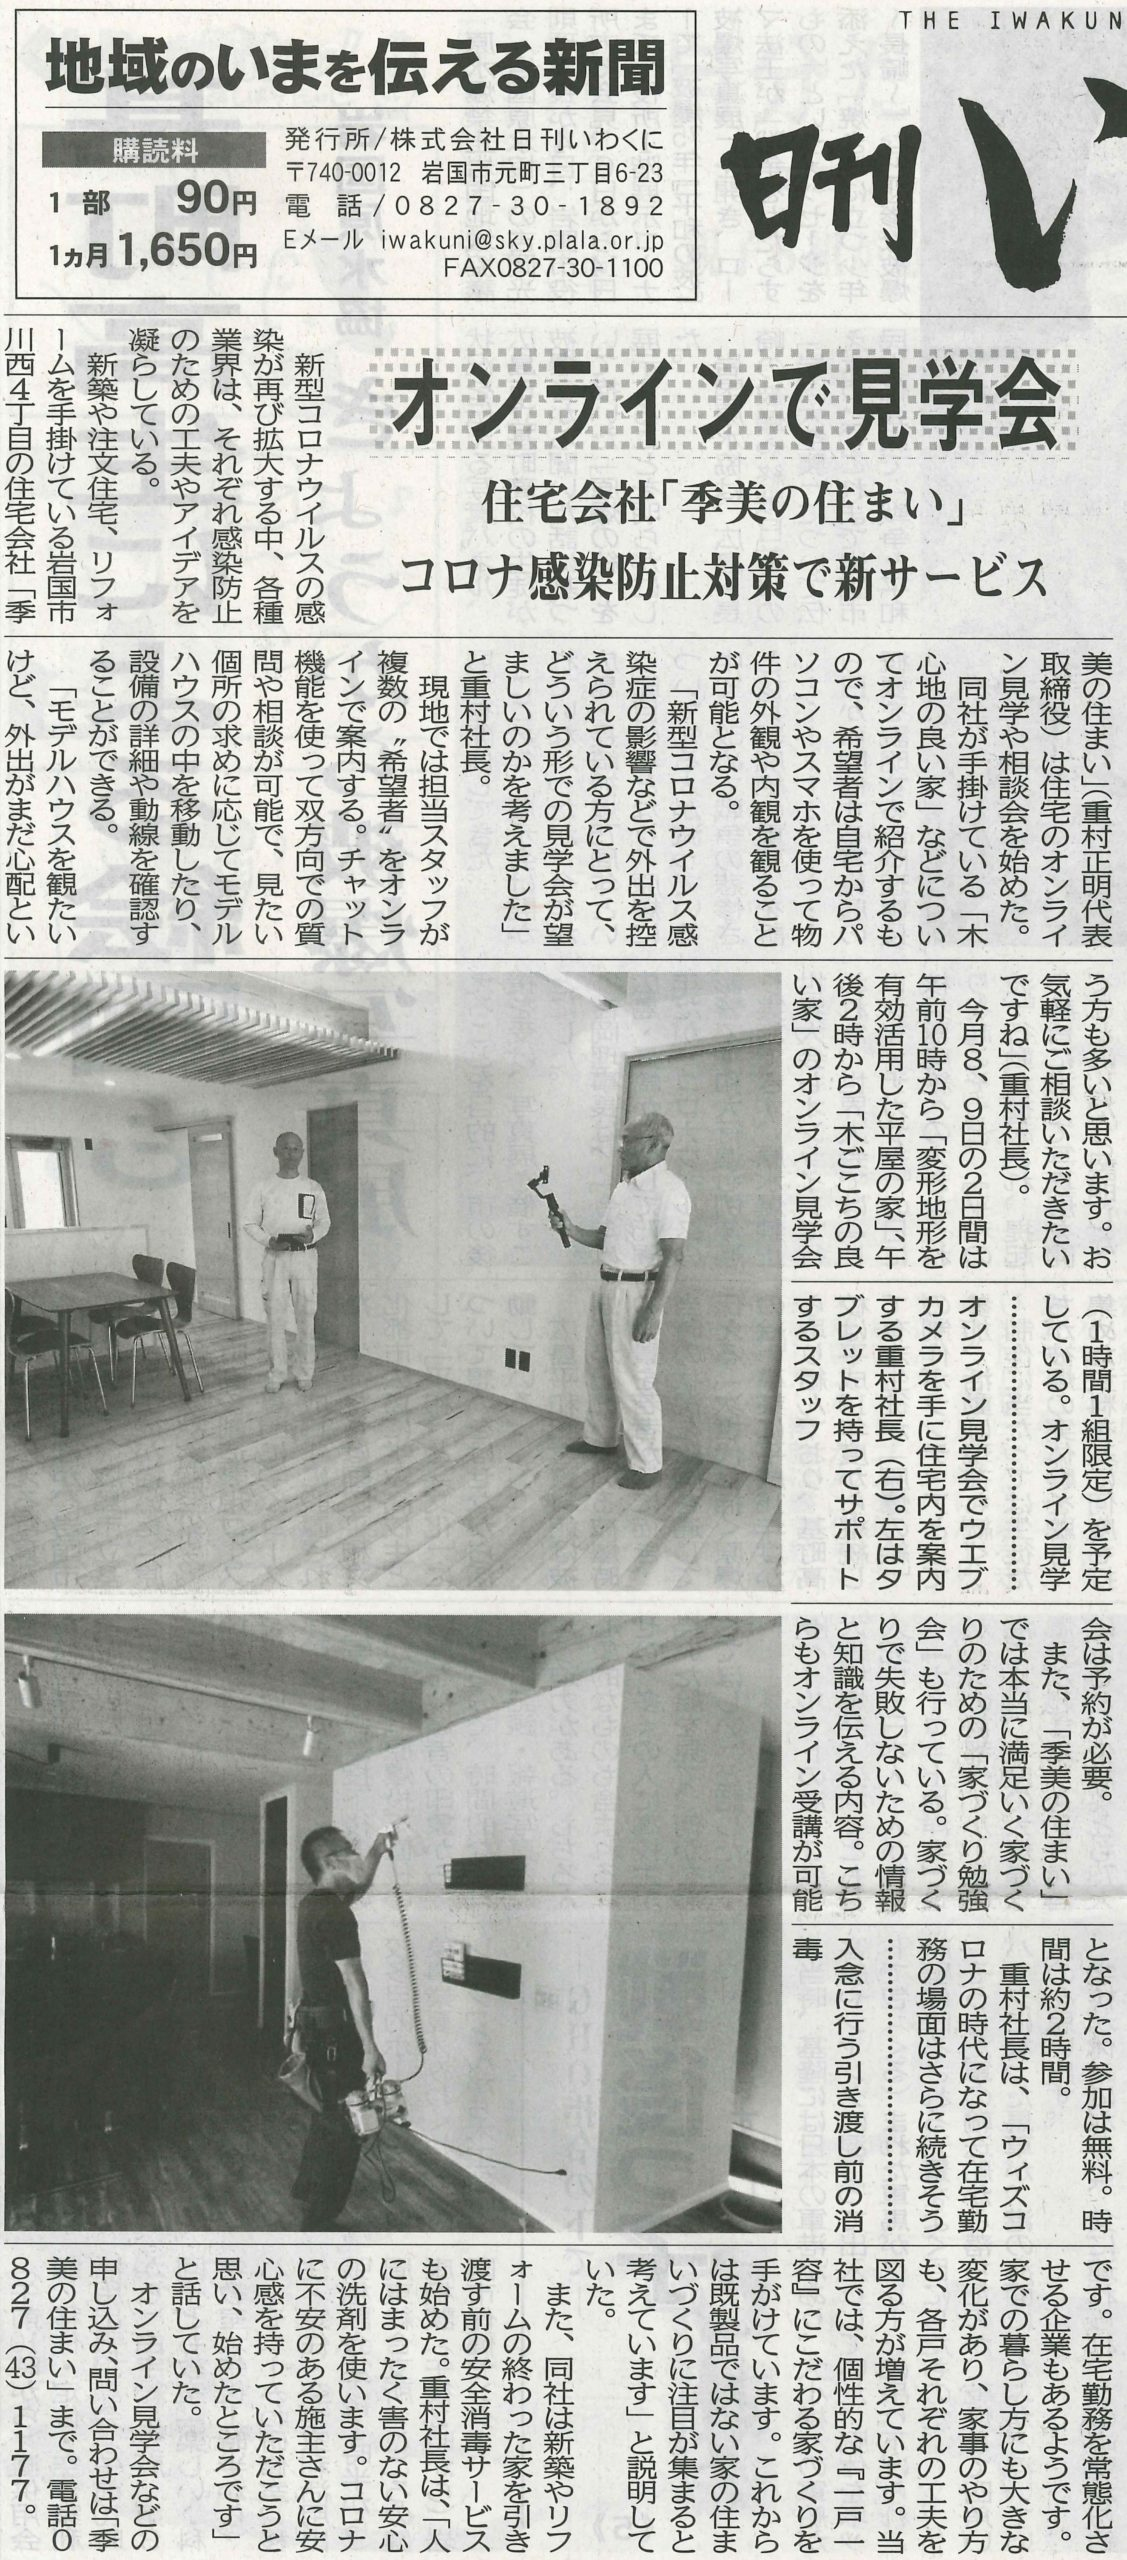 弊社の取り組みが日刊いわくにに取り上げられました。